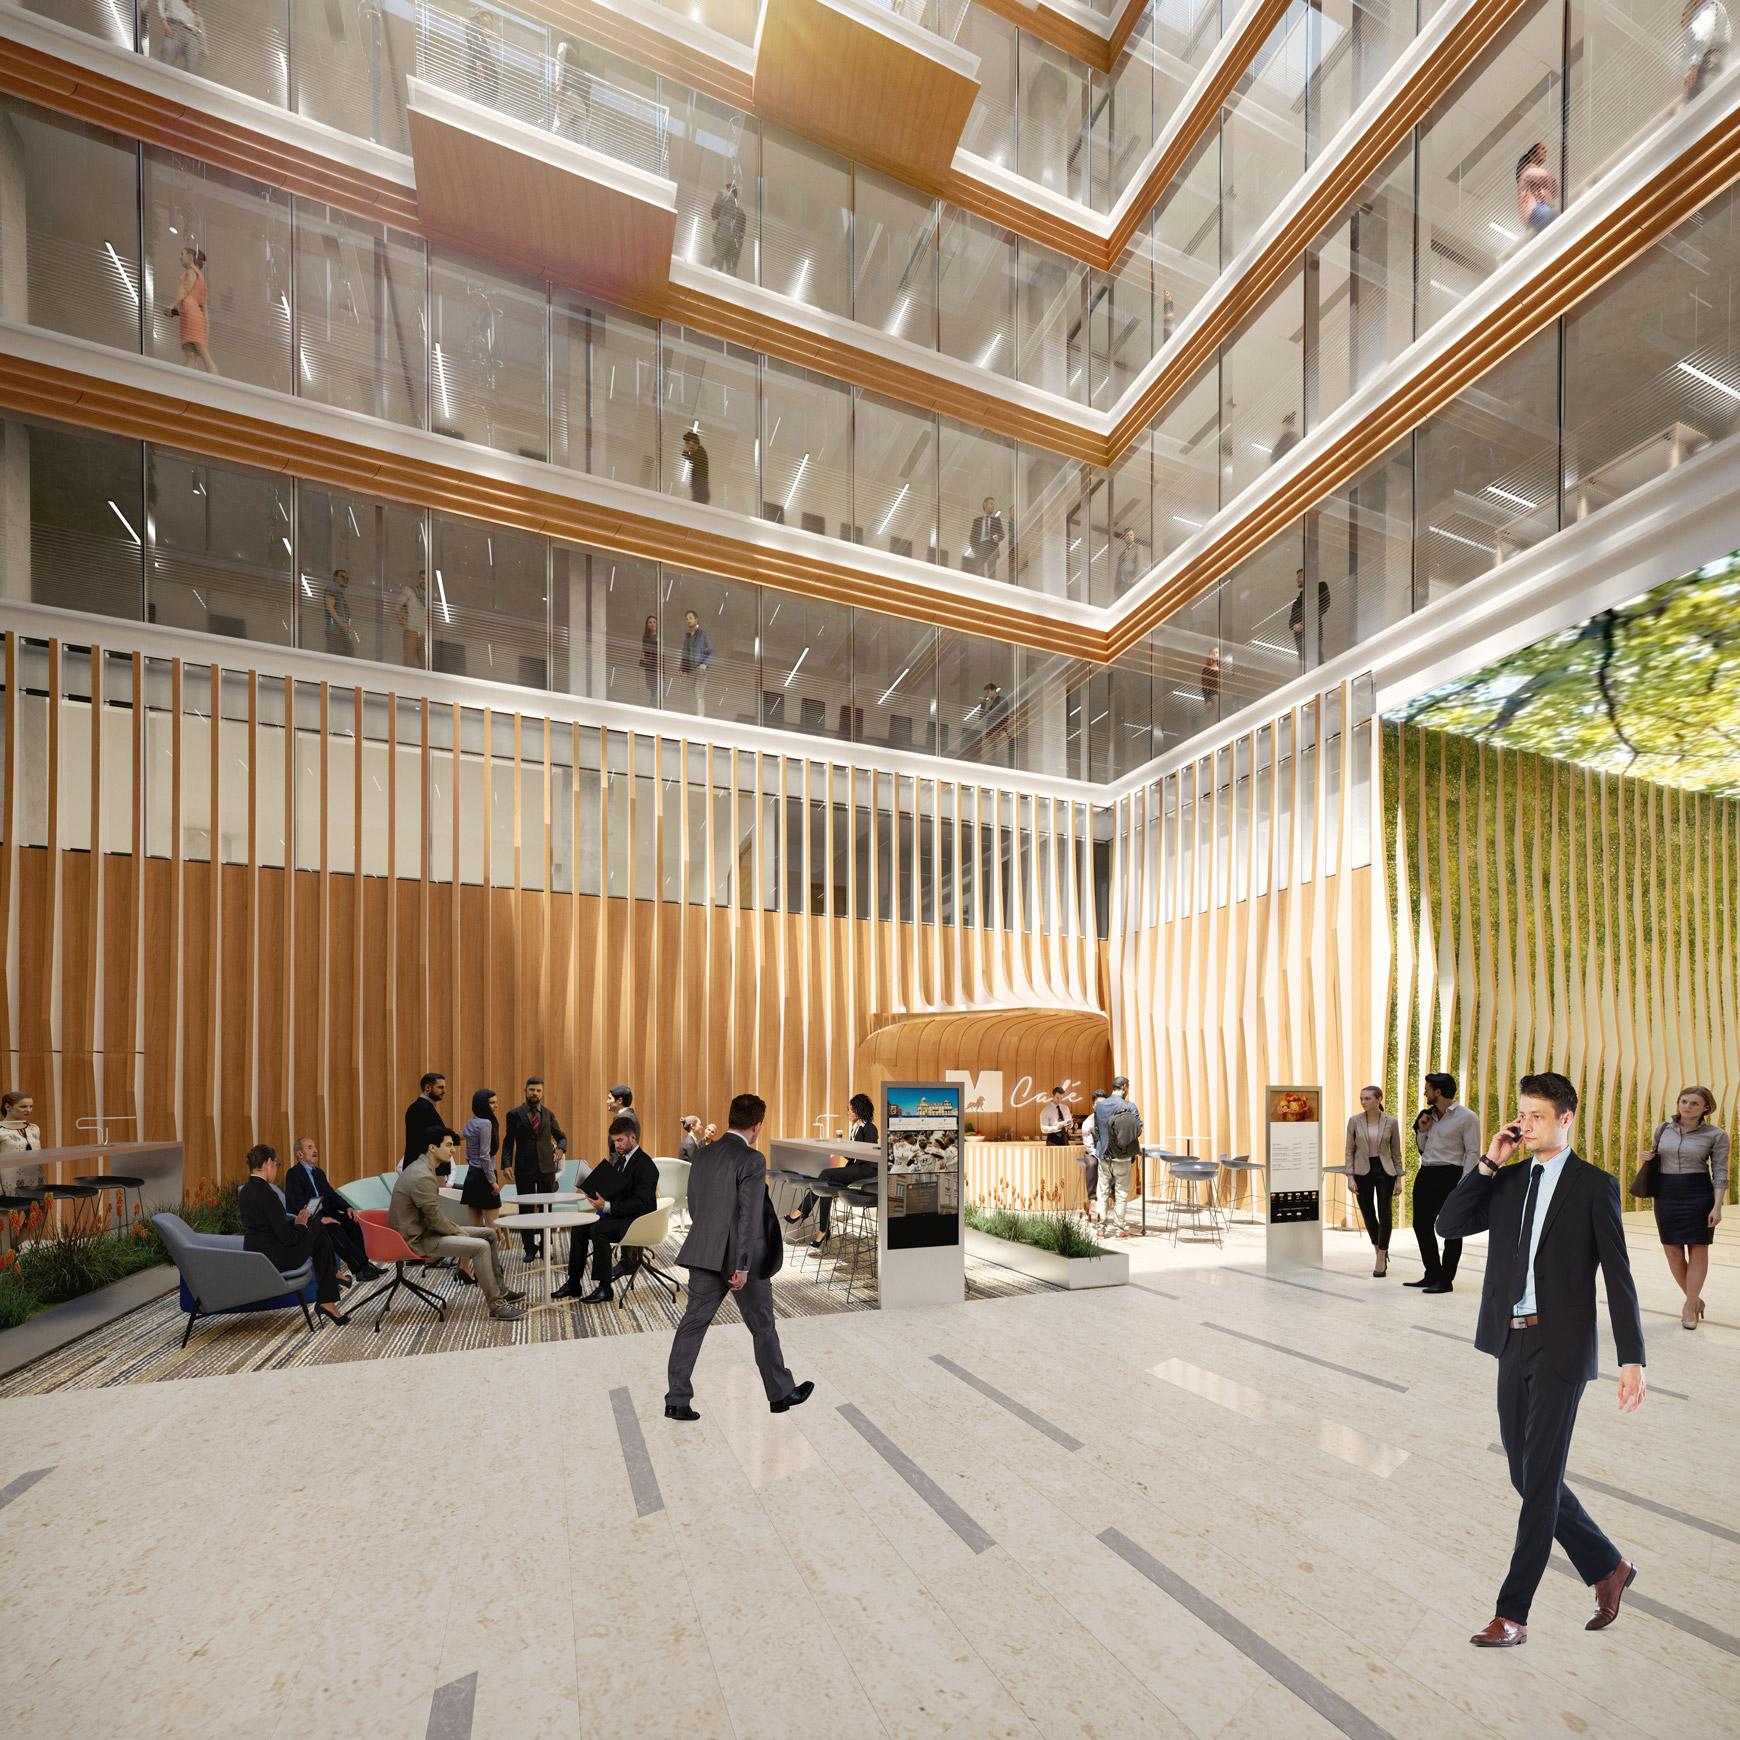 Bâtiment de bureaux, de logements et de commerces à Lyon Part-Dieu, certifié BREEAM EXCELLENT + NF HABITAT HQE + HQE BATIMENT, réalisé par le pôle Tertiaire de l'agence d'architecture SOHO ATLAS IN FINE LYON. Perspective, vue intérieure.